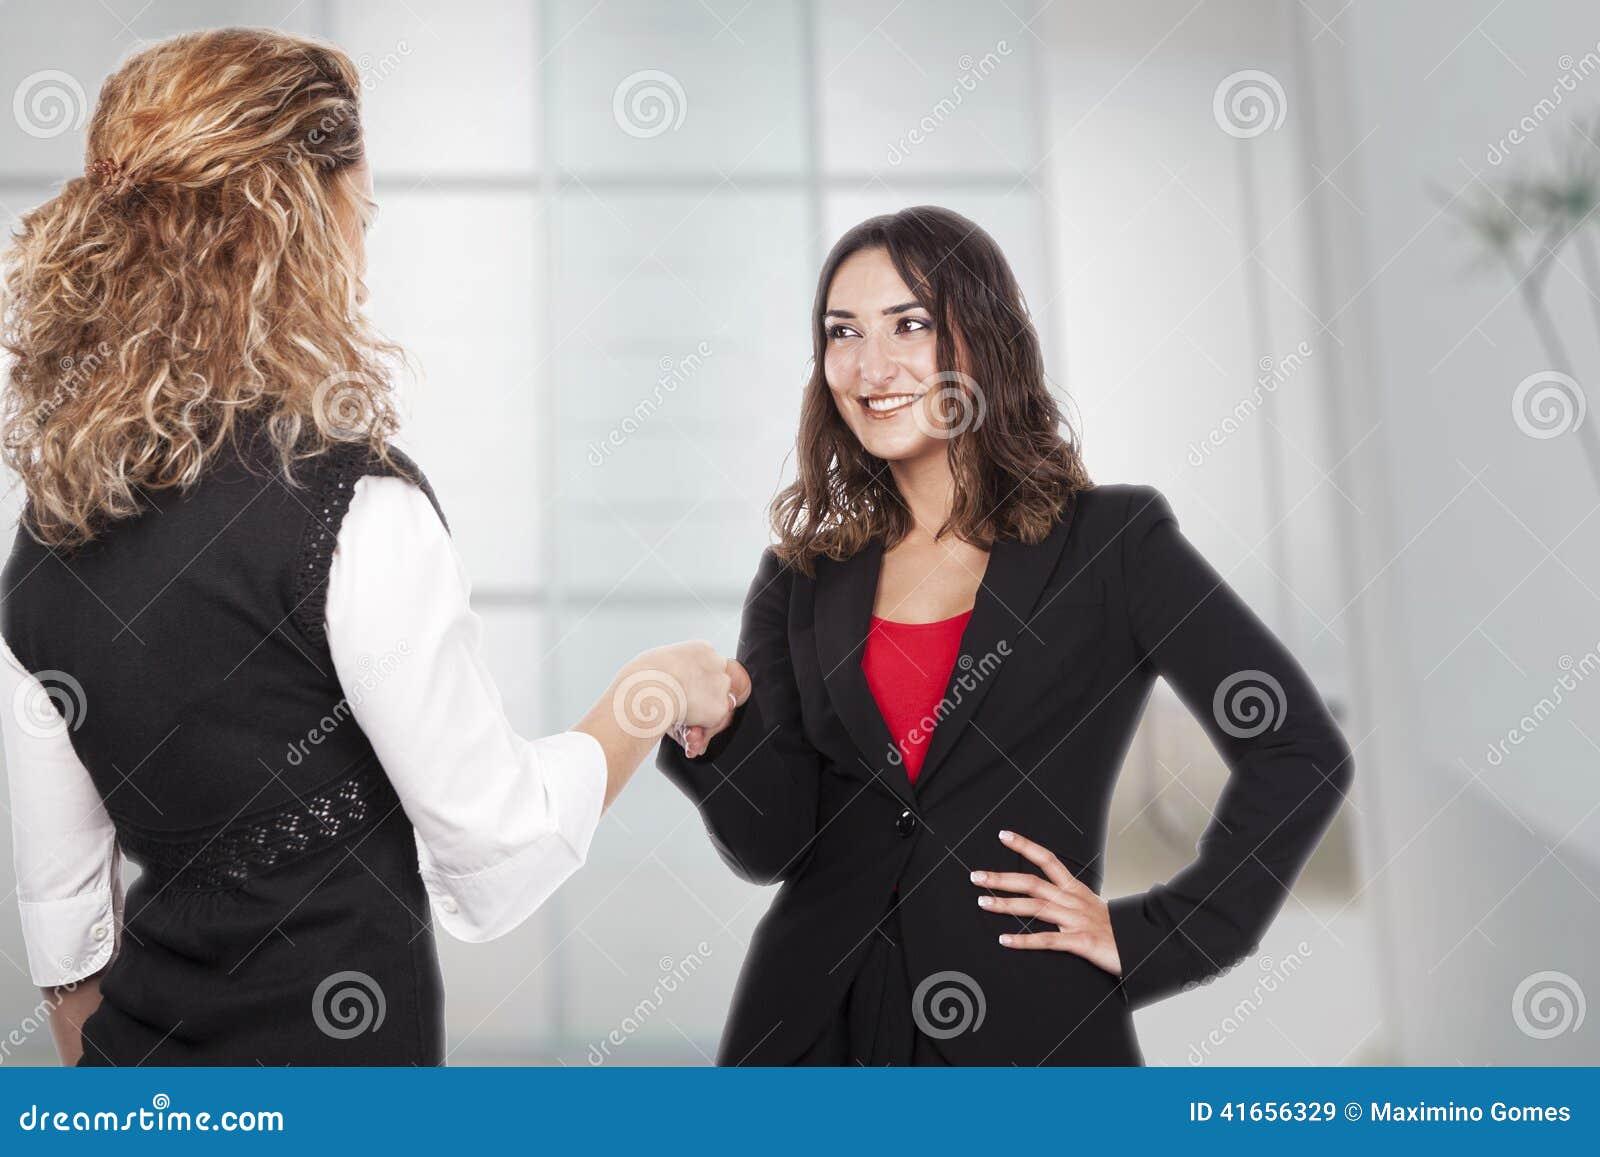 Женщина с активными выражениями